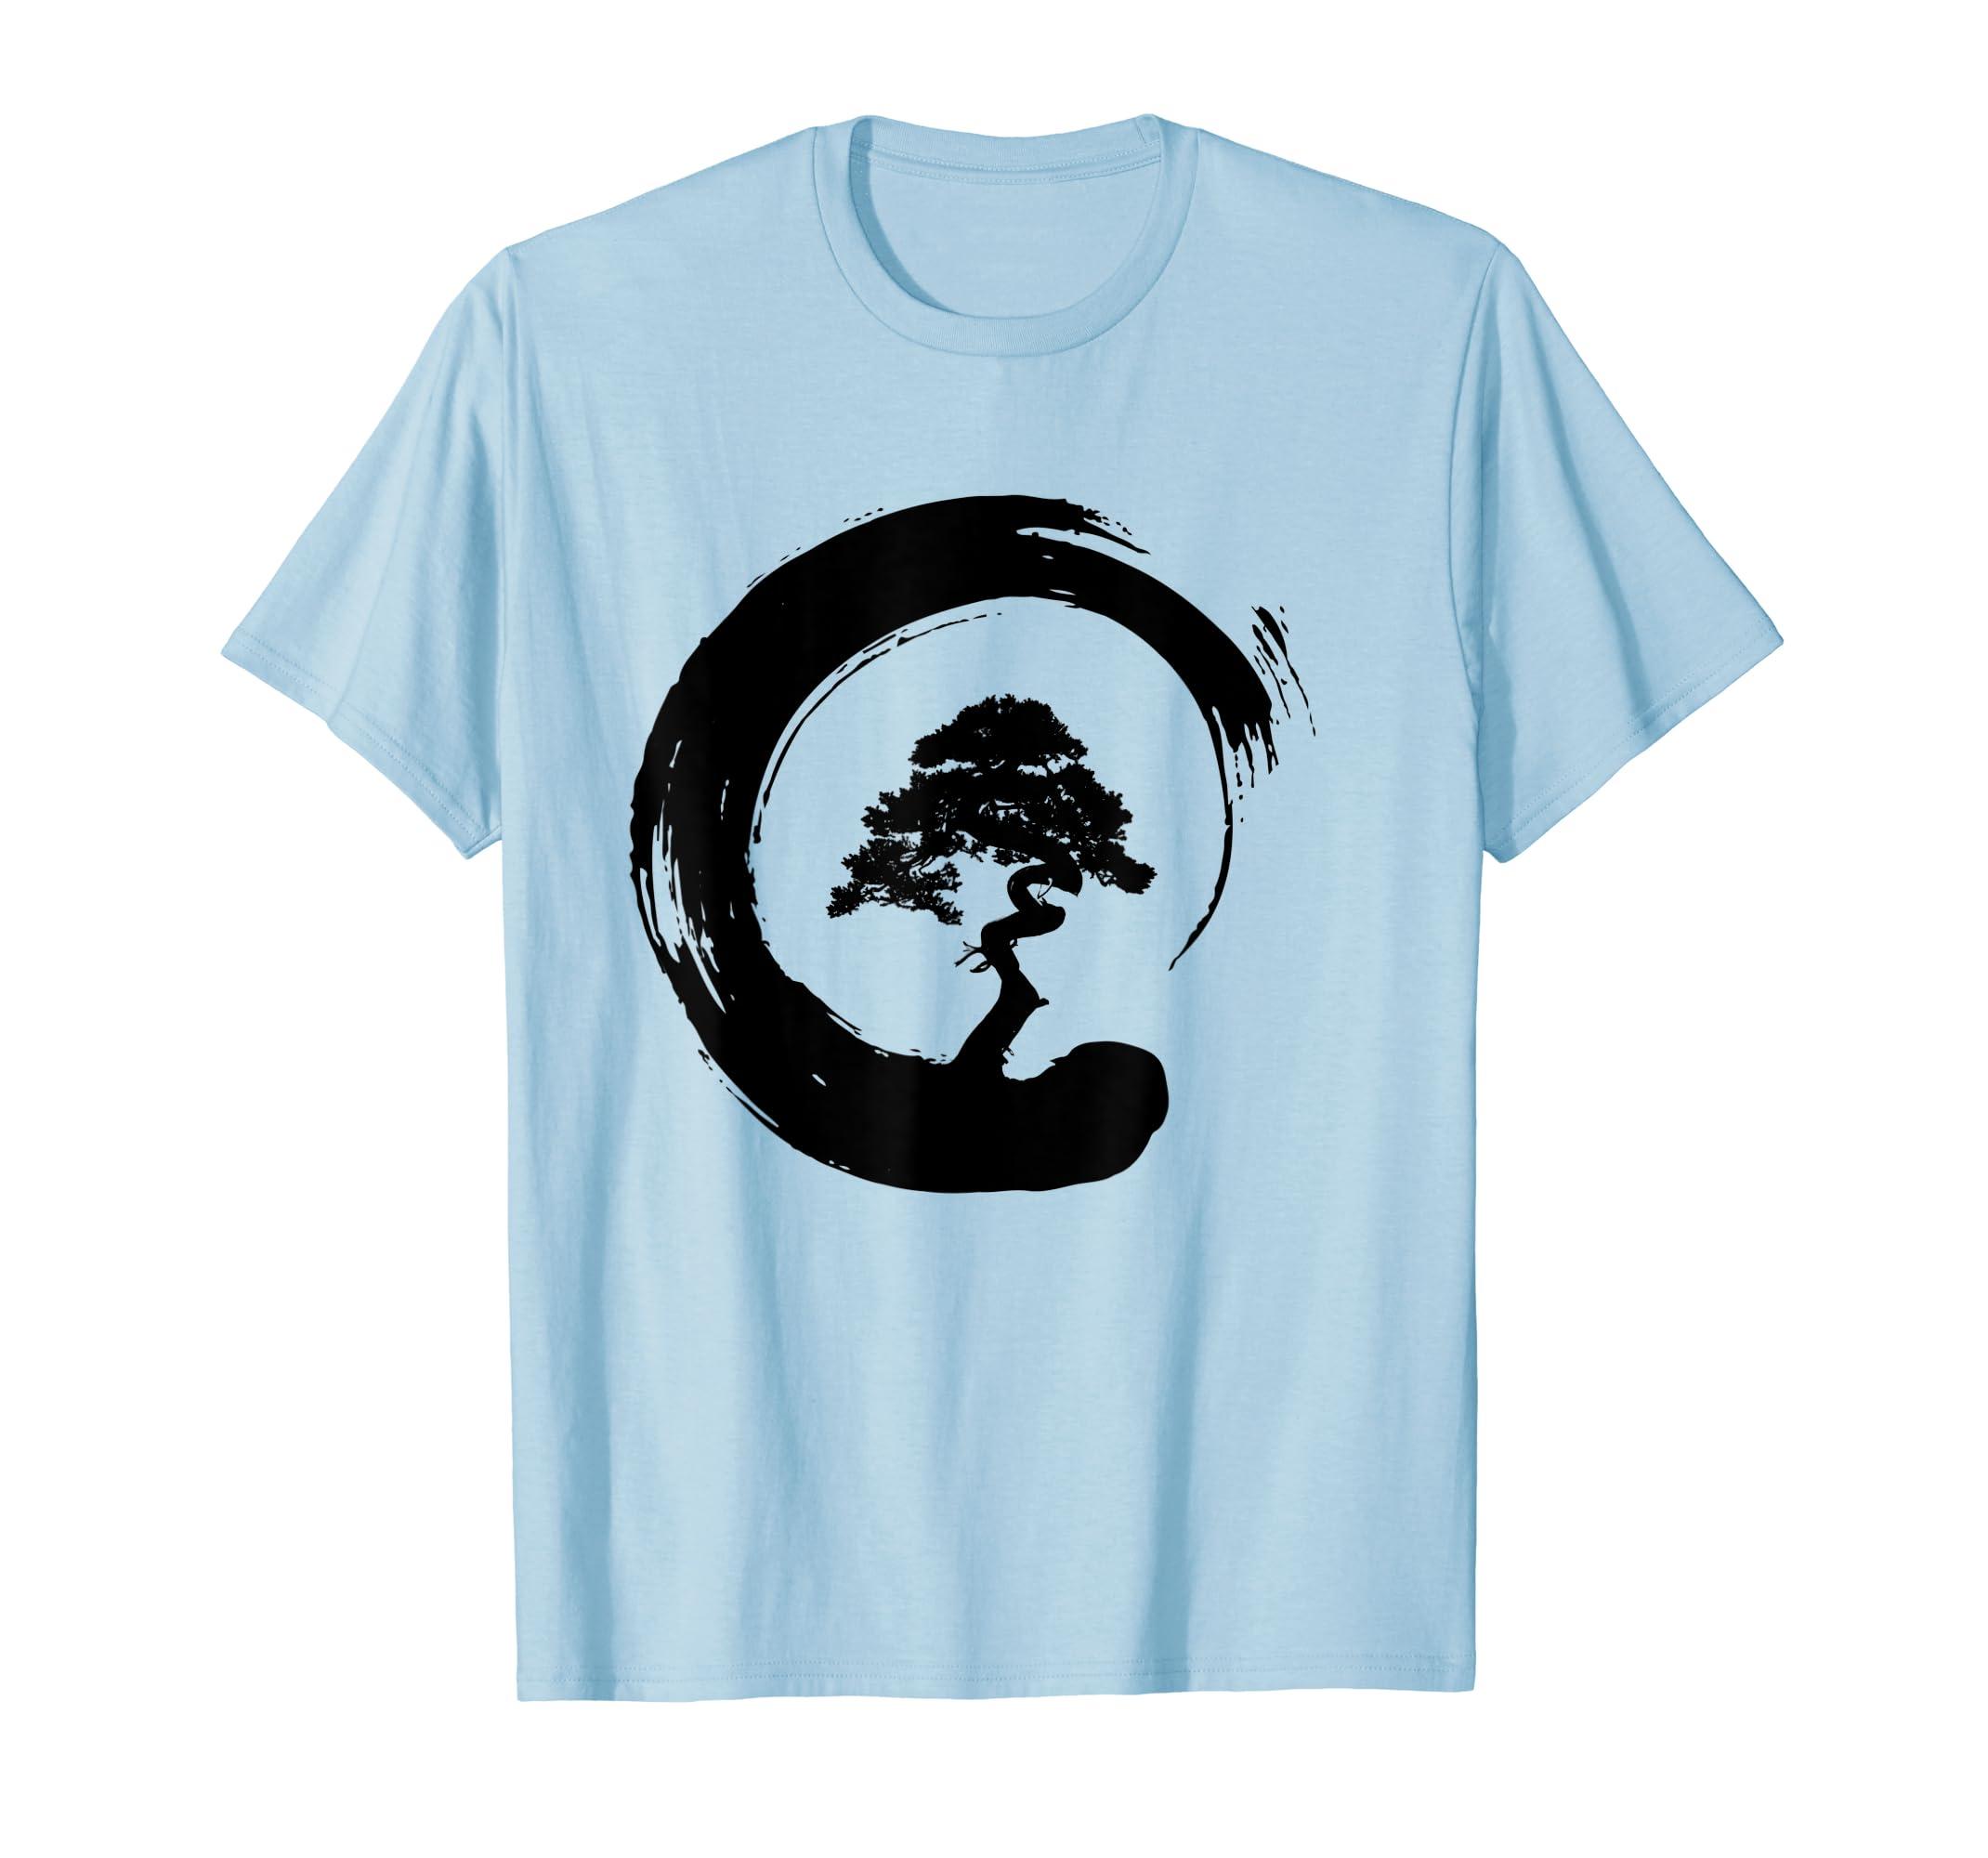 Bonsai Tree Enso Circle – Buddhist Zen Calligraphy T-Shirt-Yolotee